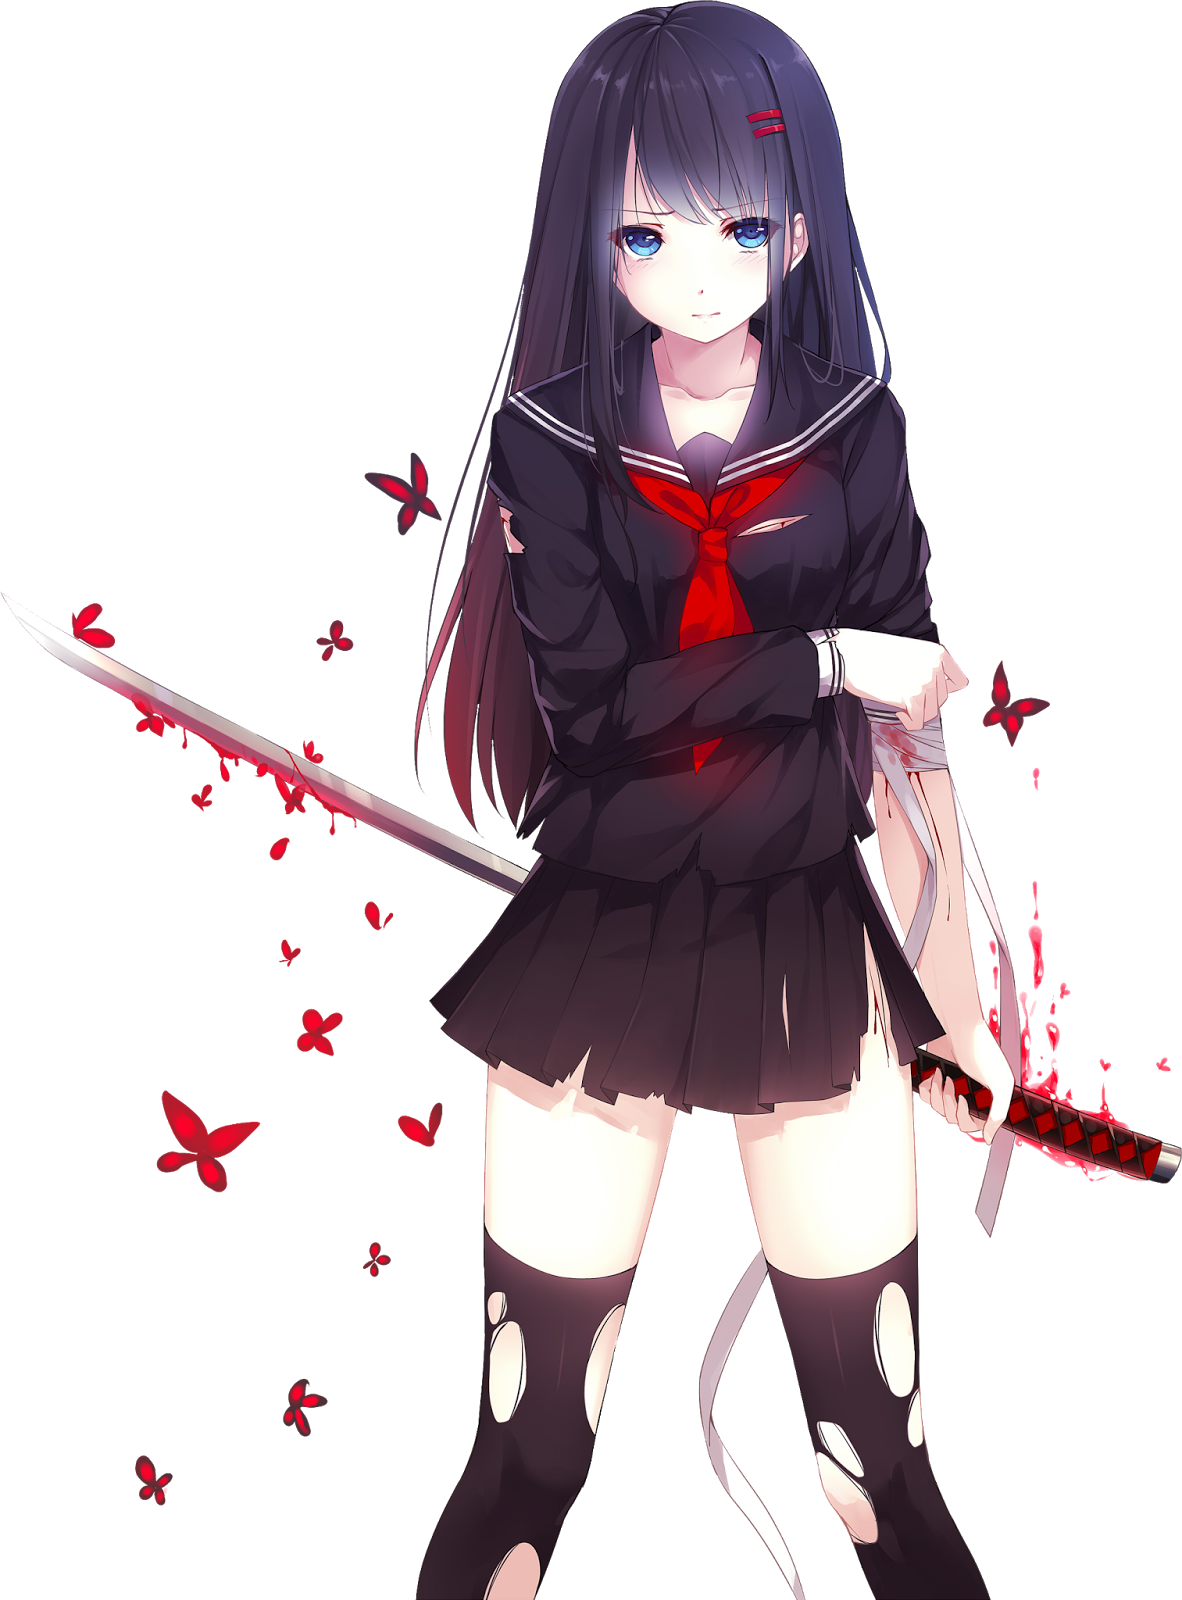 Anime Shoujo: Png - Garotas de animes variados